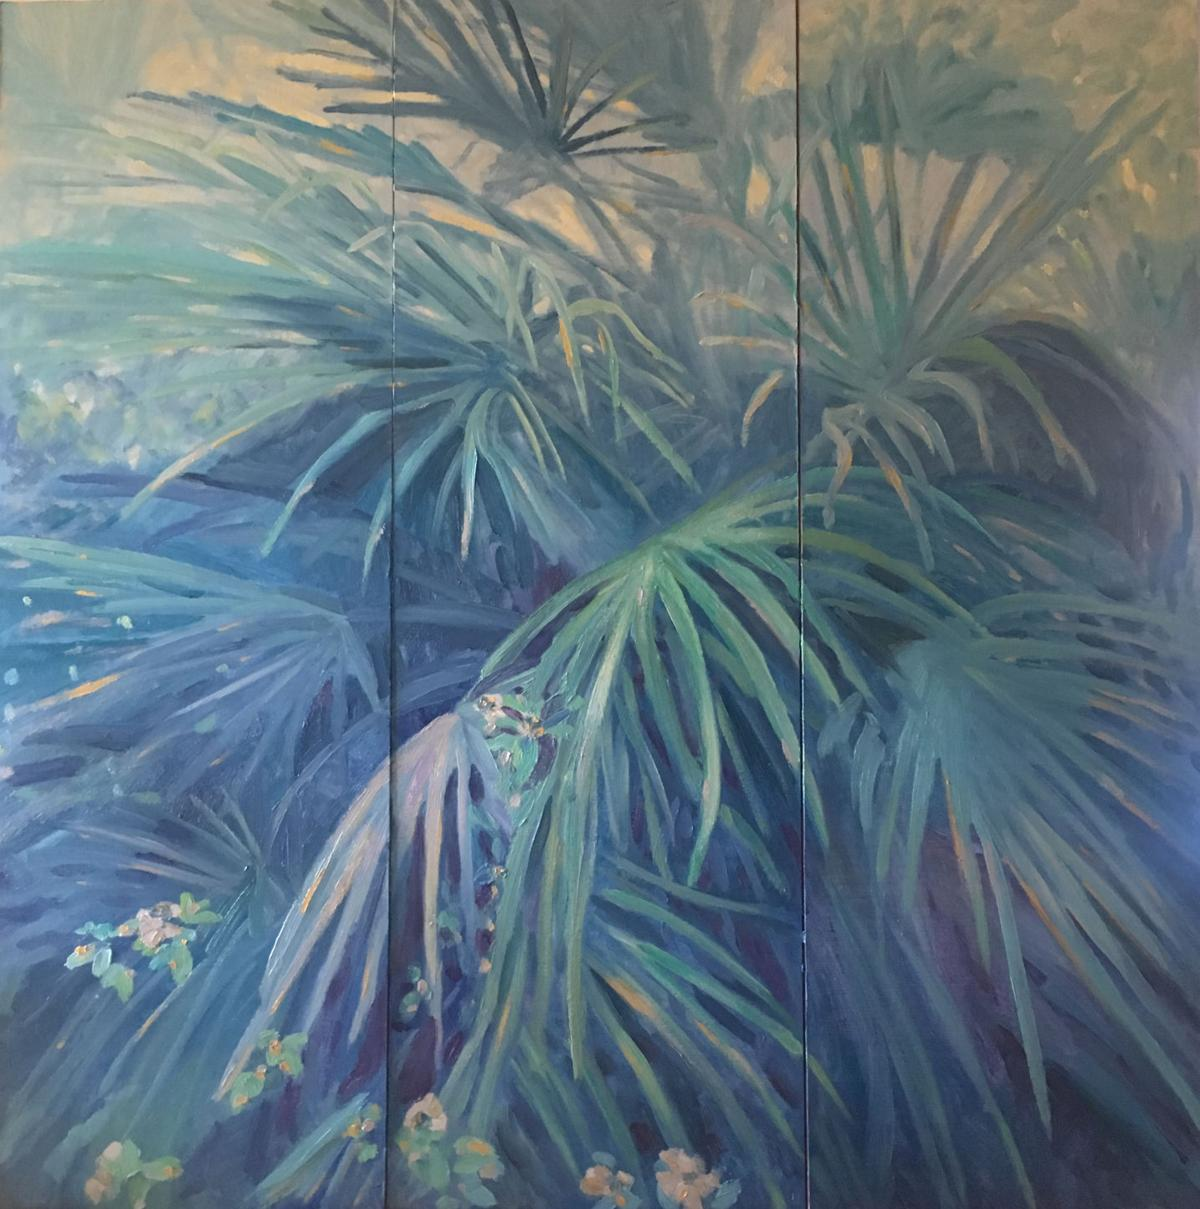 Mediteranian fan palm